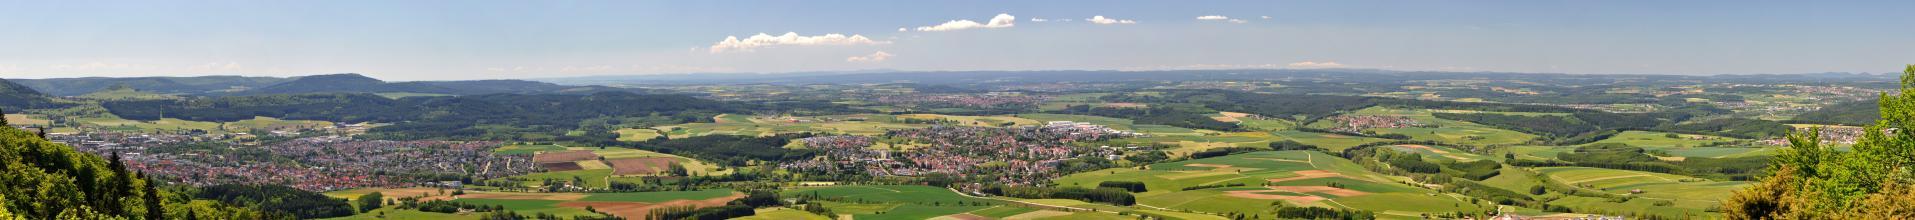 Weiter Blick auf eine hügelige Landschaft mit Wiesen, Feldern, Siedlungen und ausgedehnten Waldflächen. Zum Hintergrund hin reihen sich bewaldete Hügel- und Bergketten aneinander.